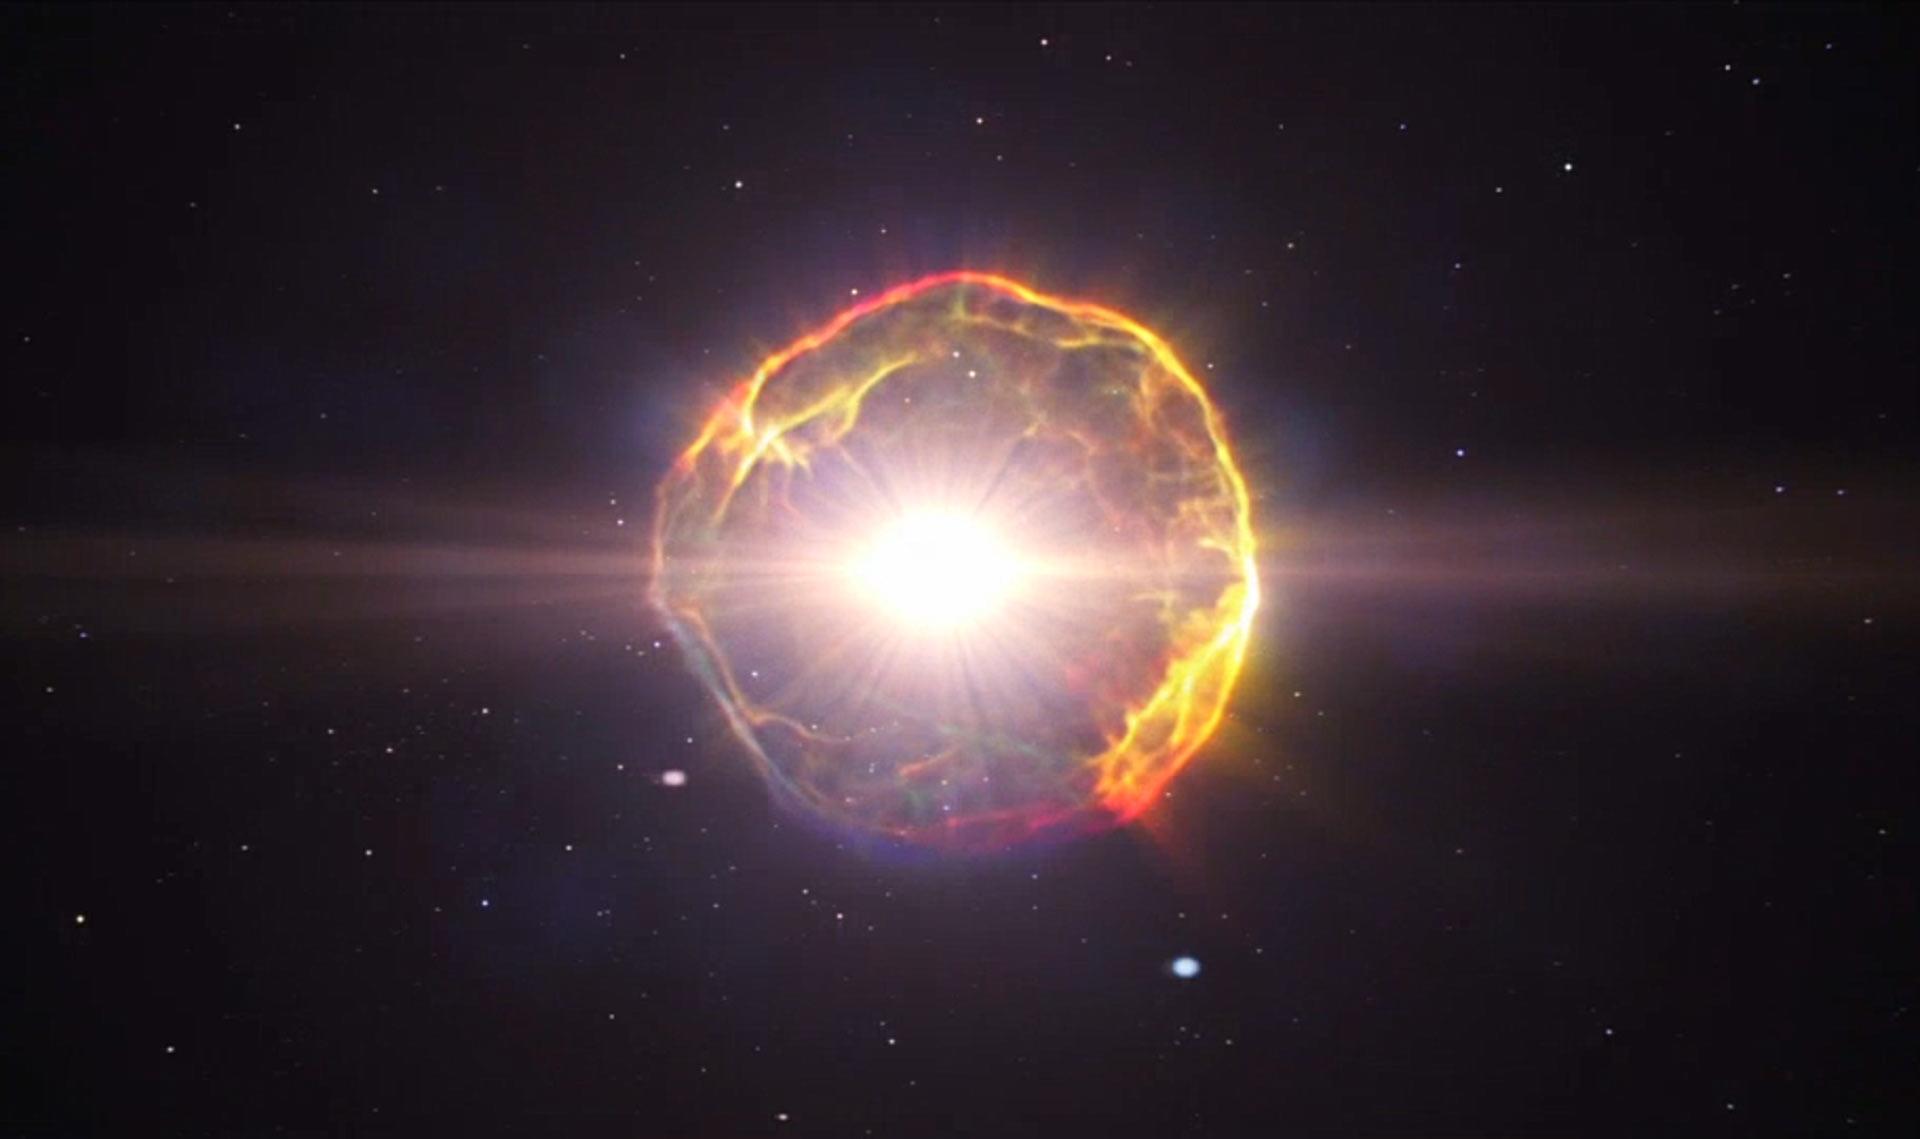 Tumori, mutazioni, estinzioni: gli effetti della supernova del Pliocene